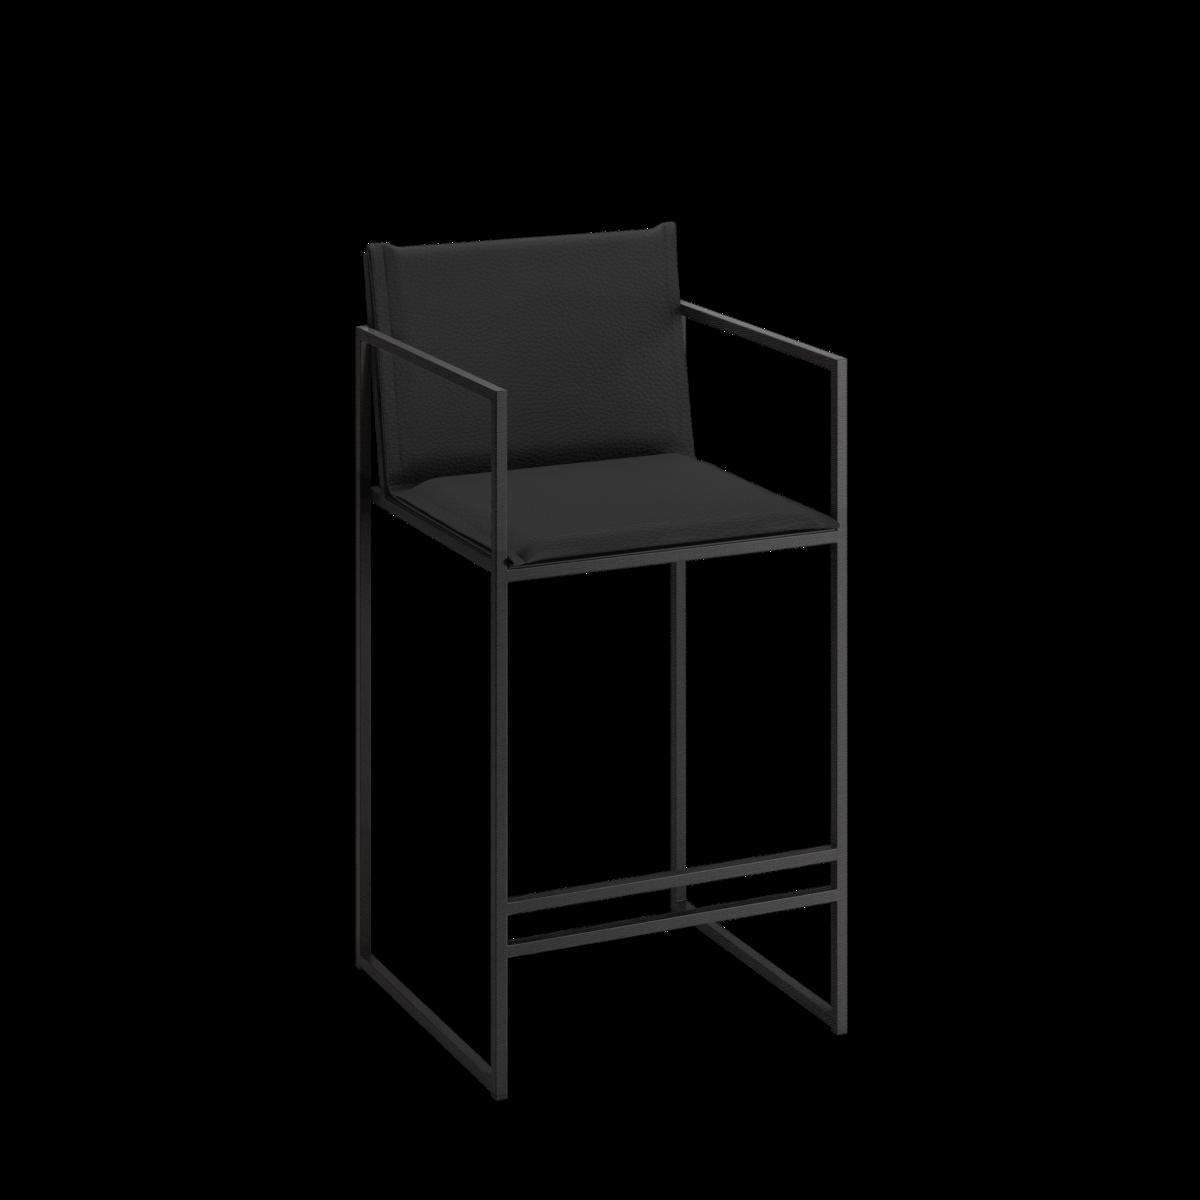 bruno bar chair